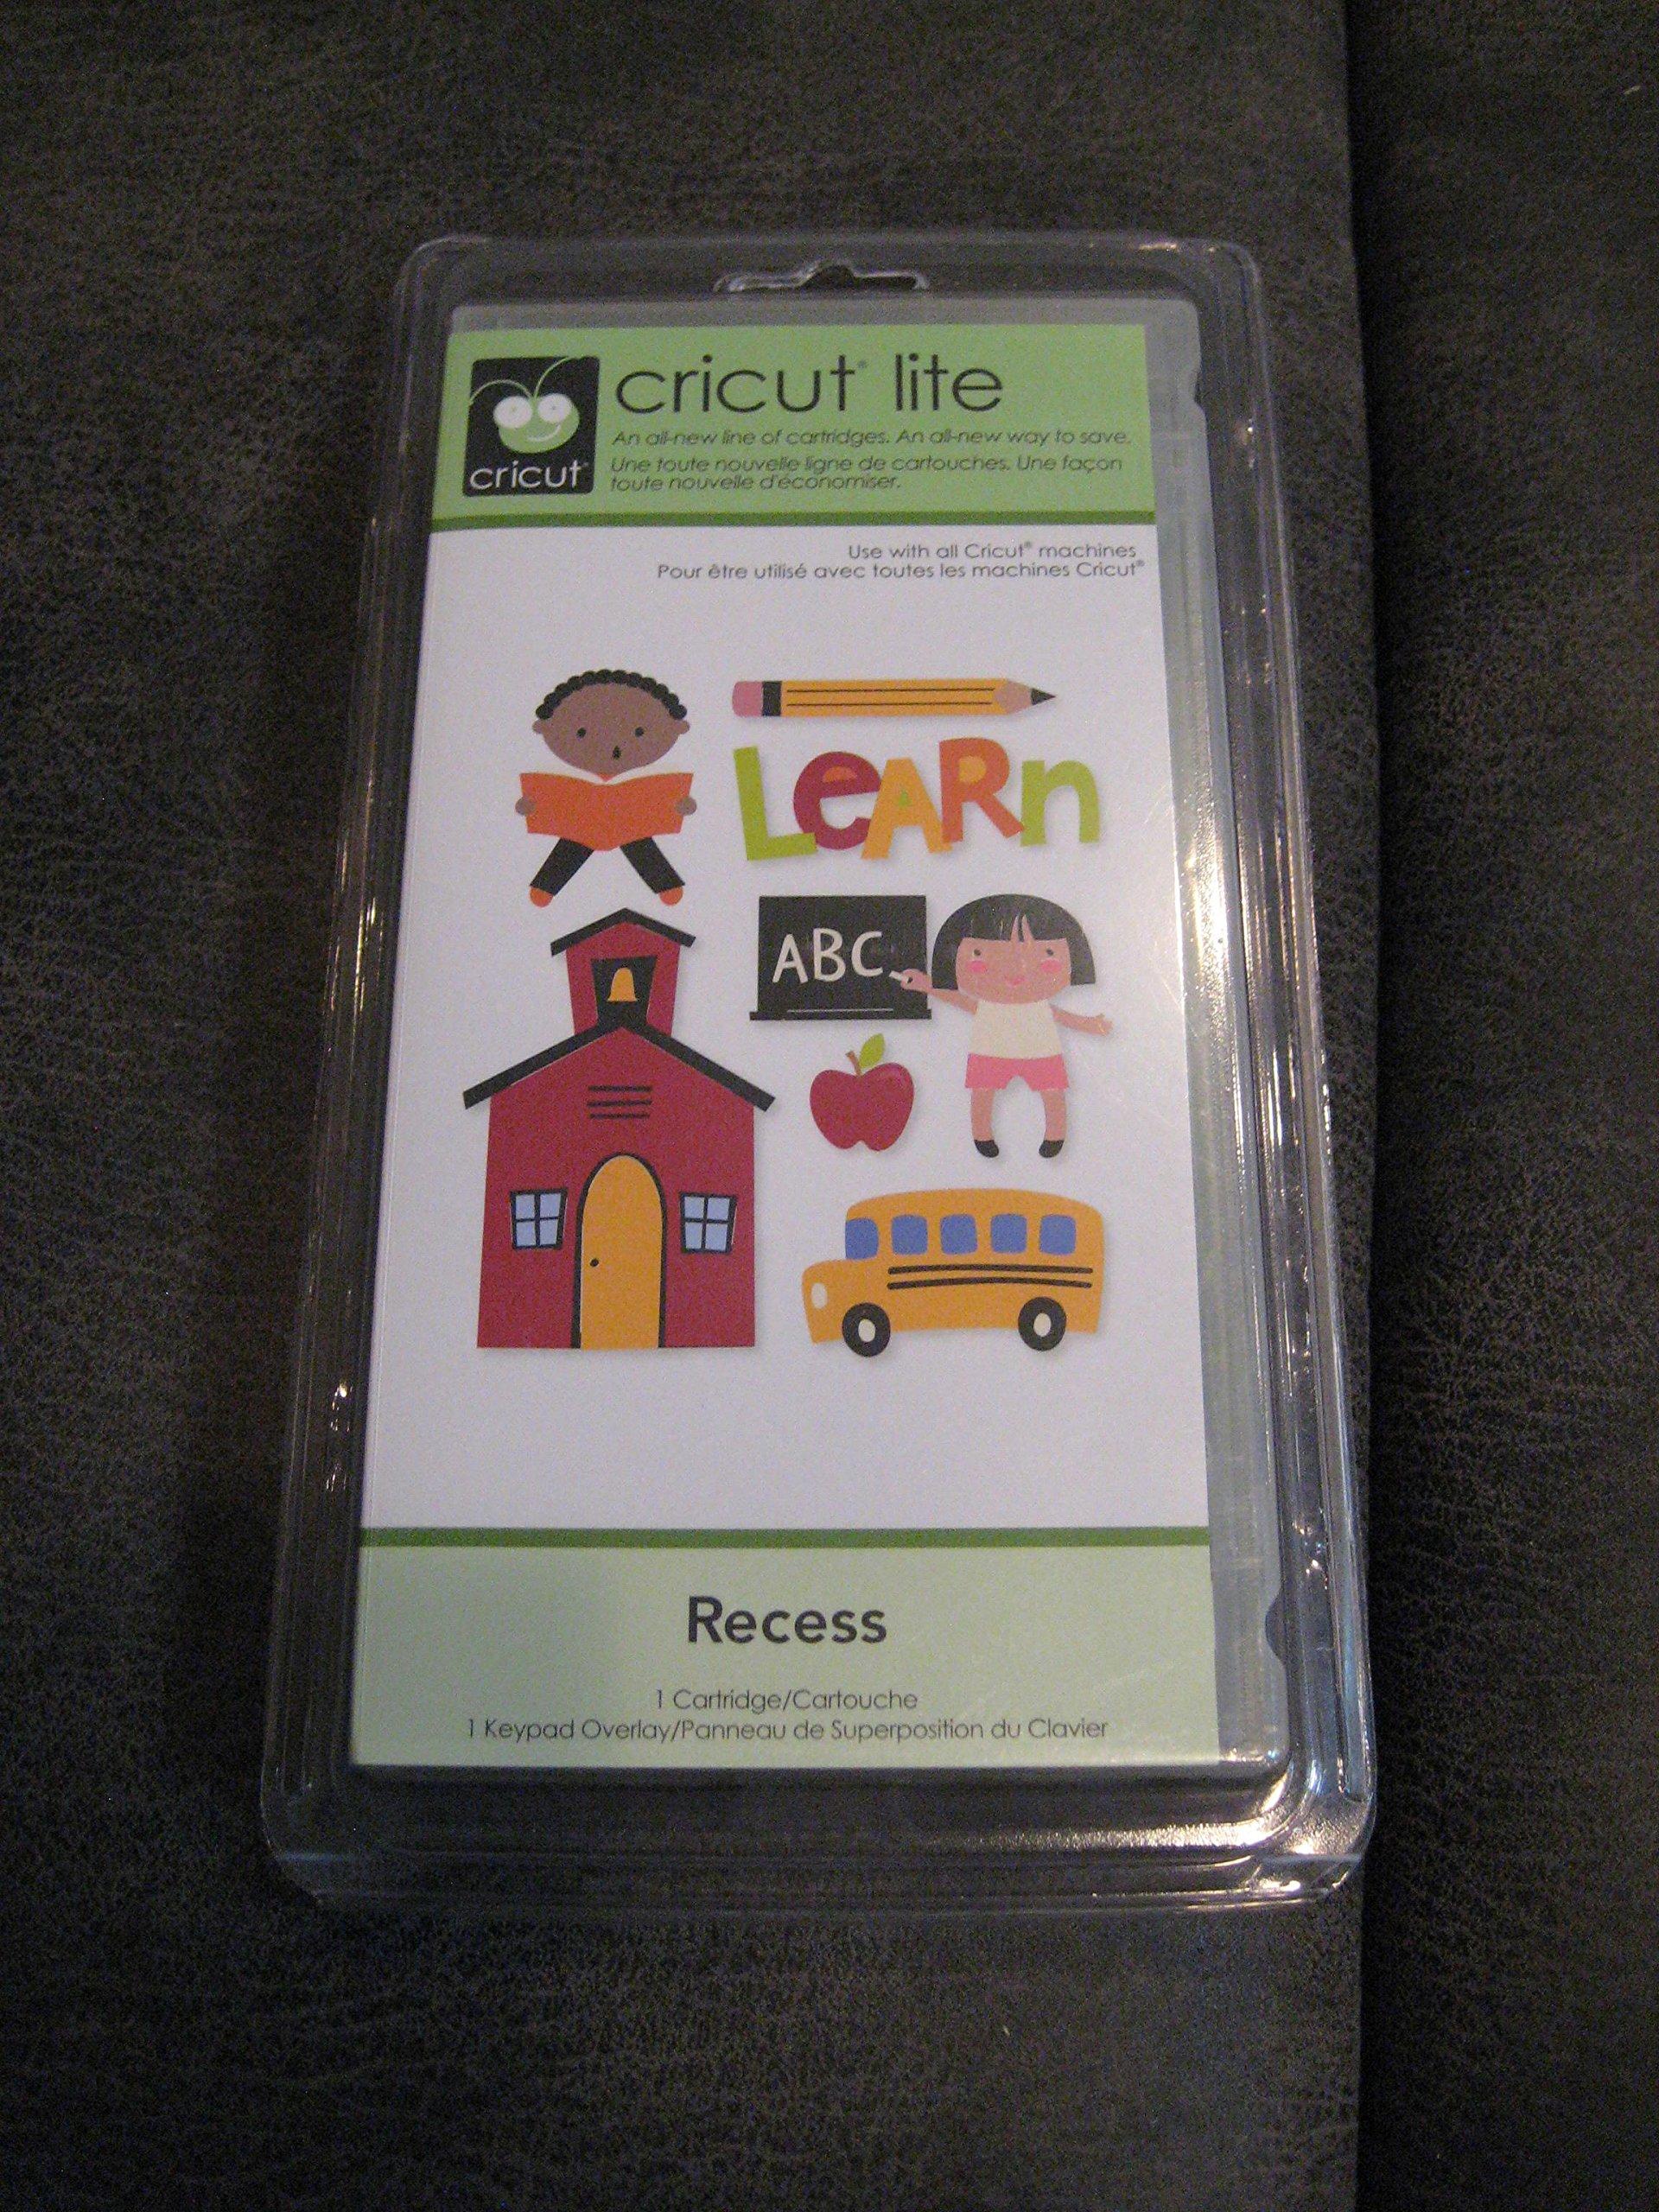 Cricut Recess Cartridge